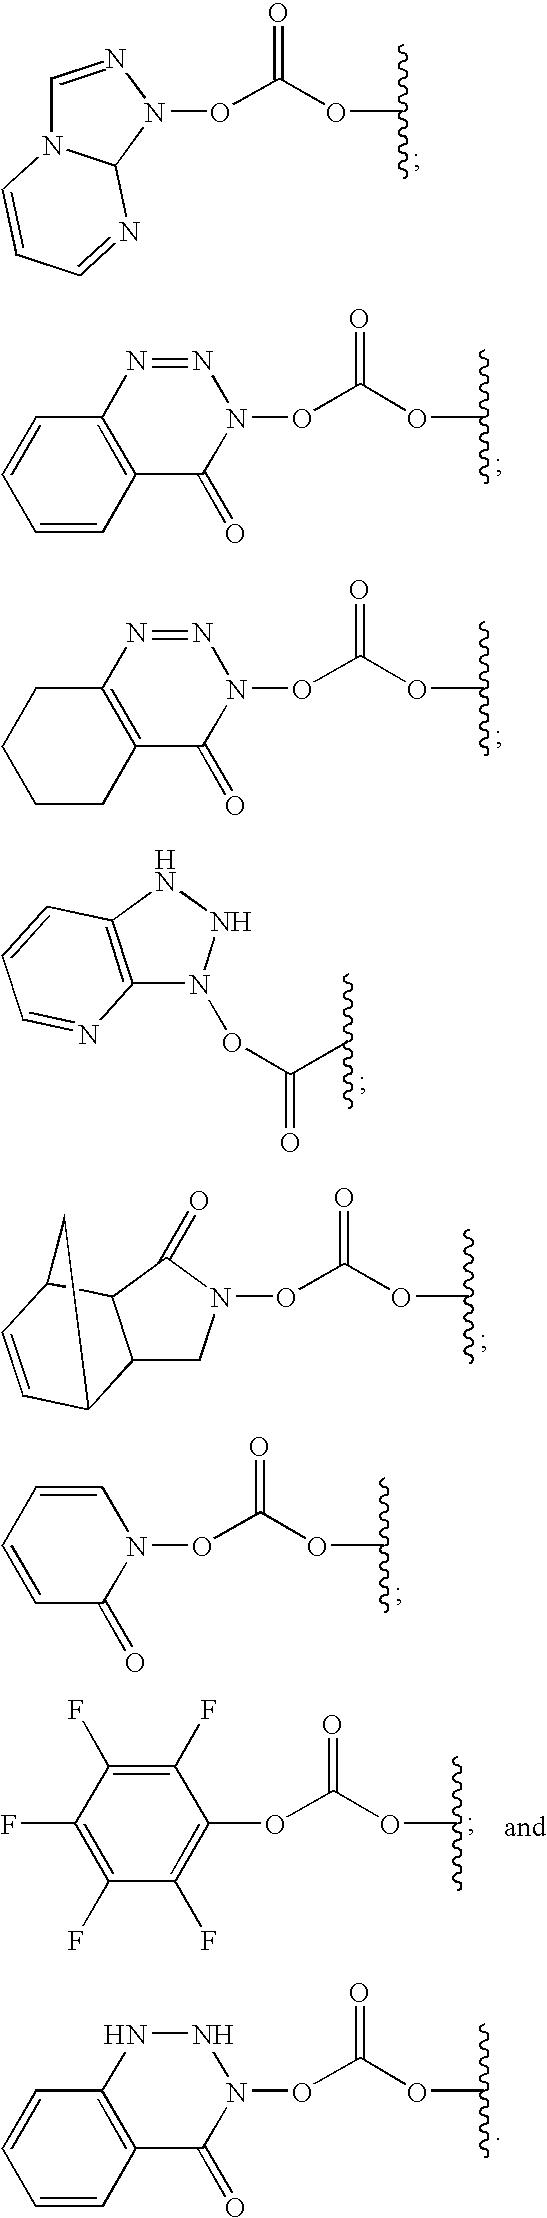 Figure US09187532-20151117-C00017